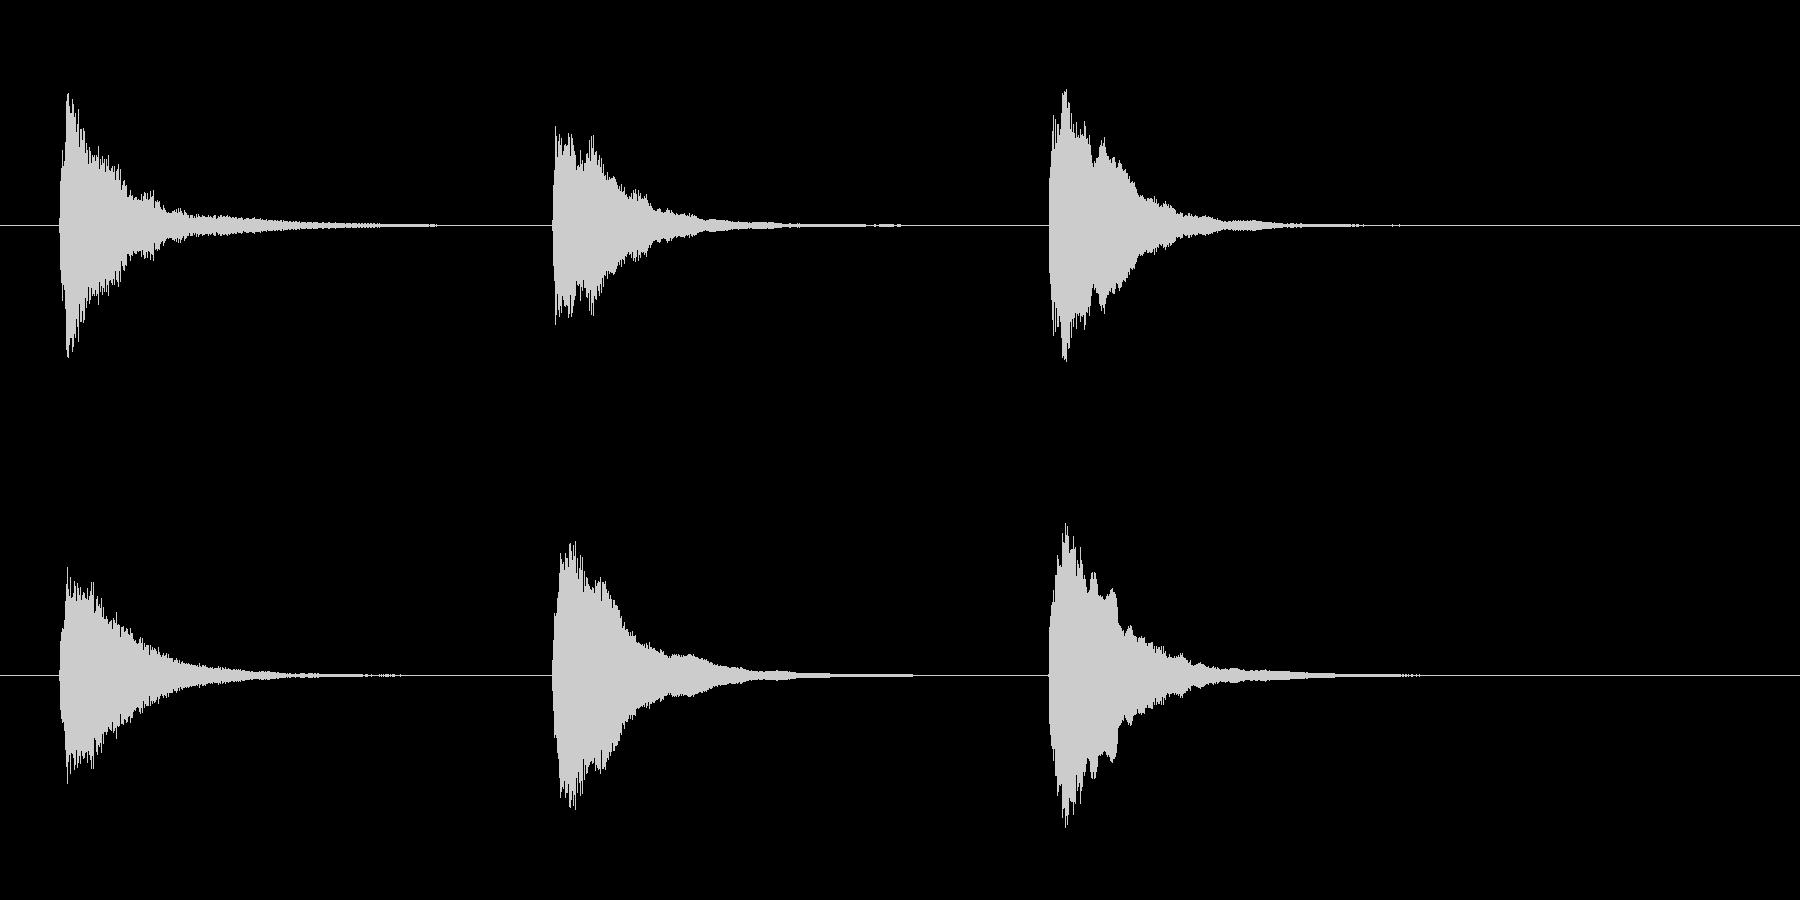 「テスト♪」「名古屋」「テクノ」の未再生の波形